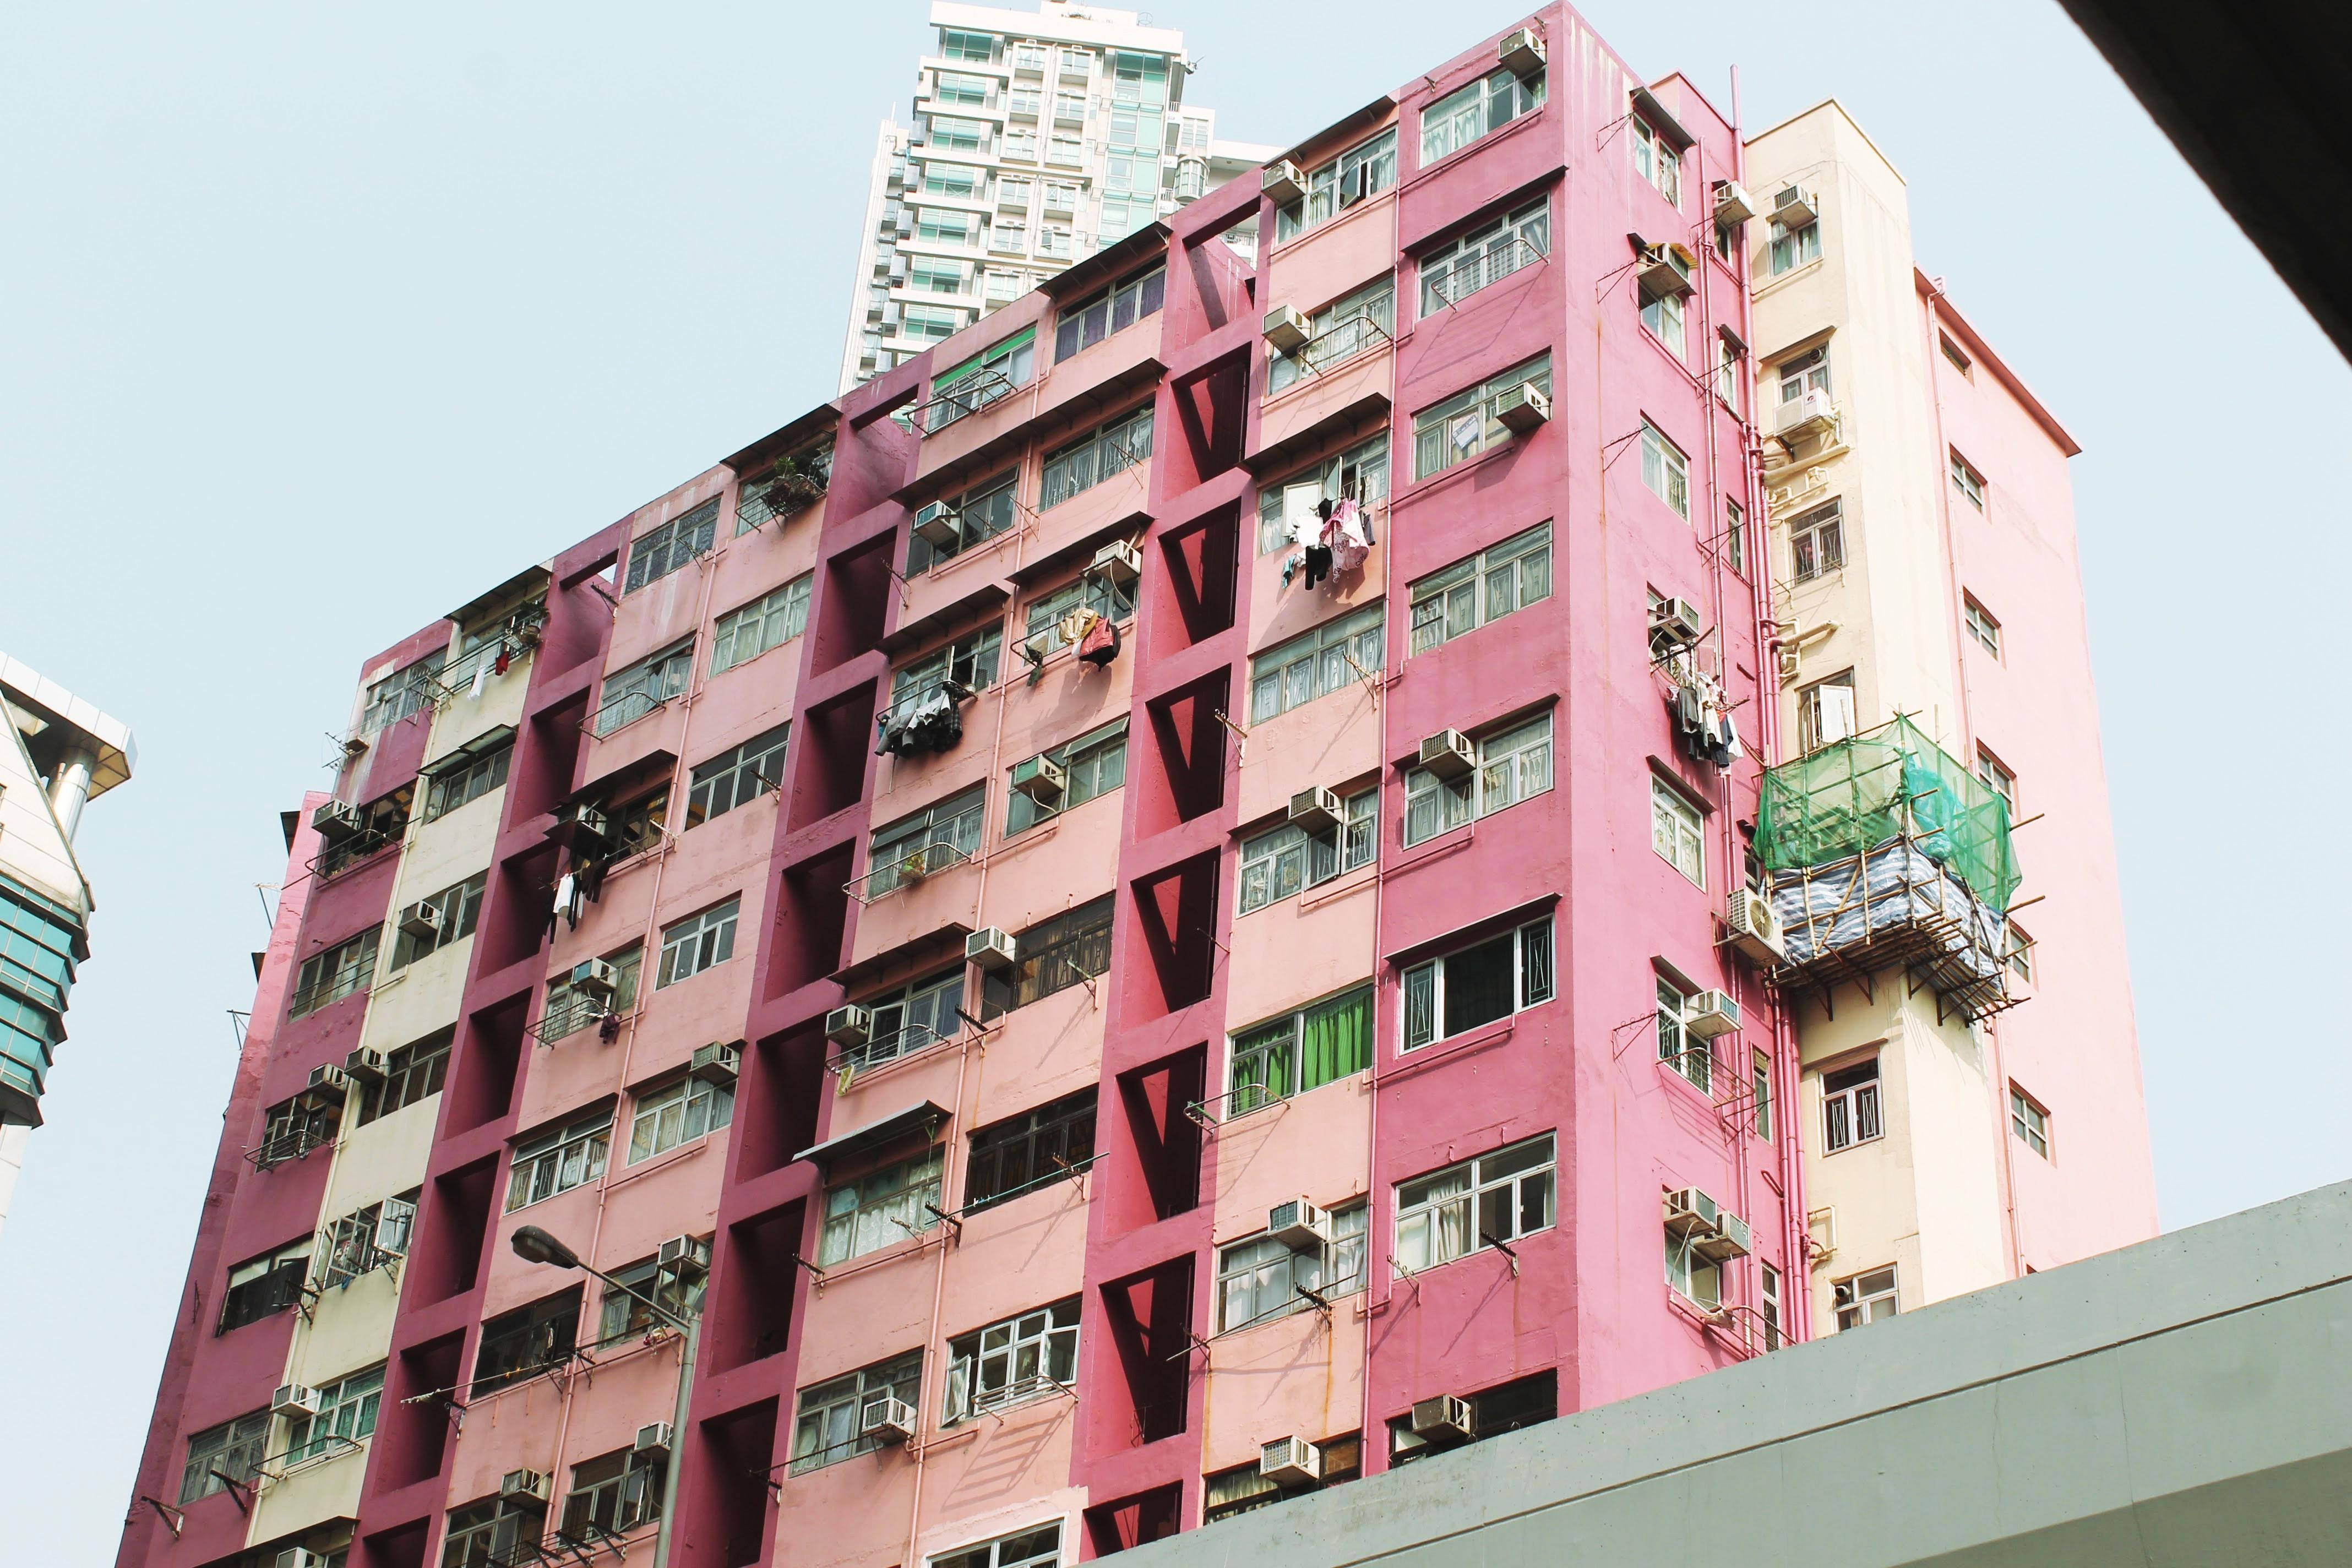 Pink Apartments Hong Kong